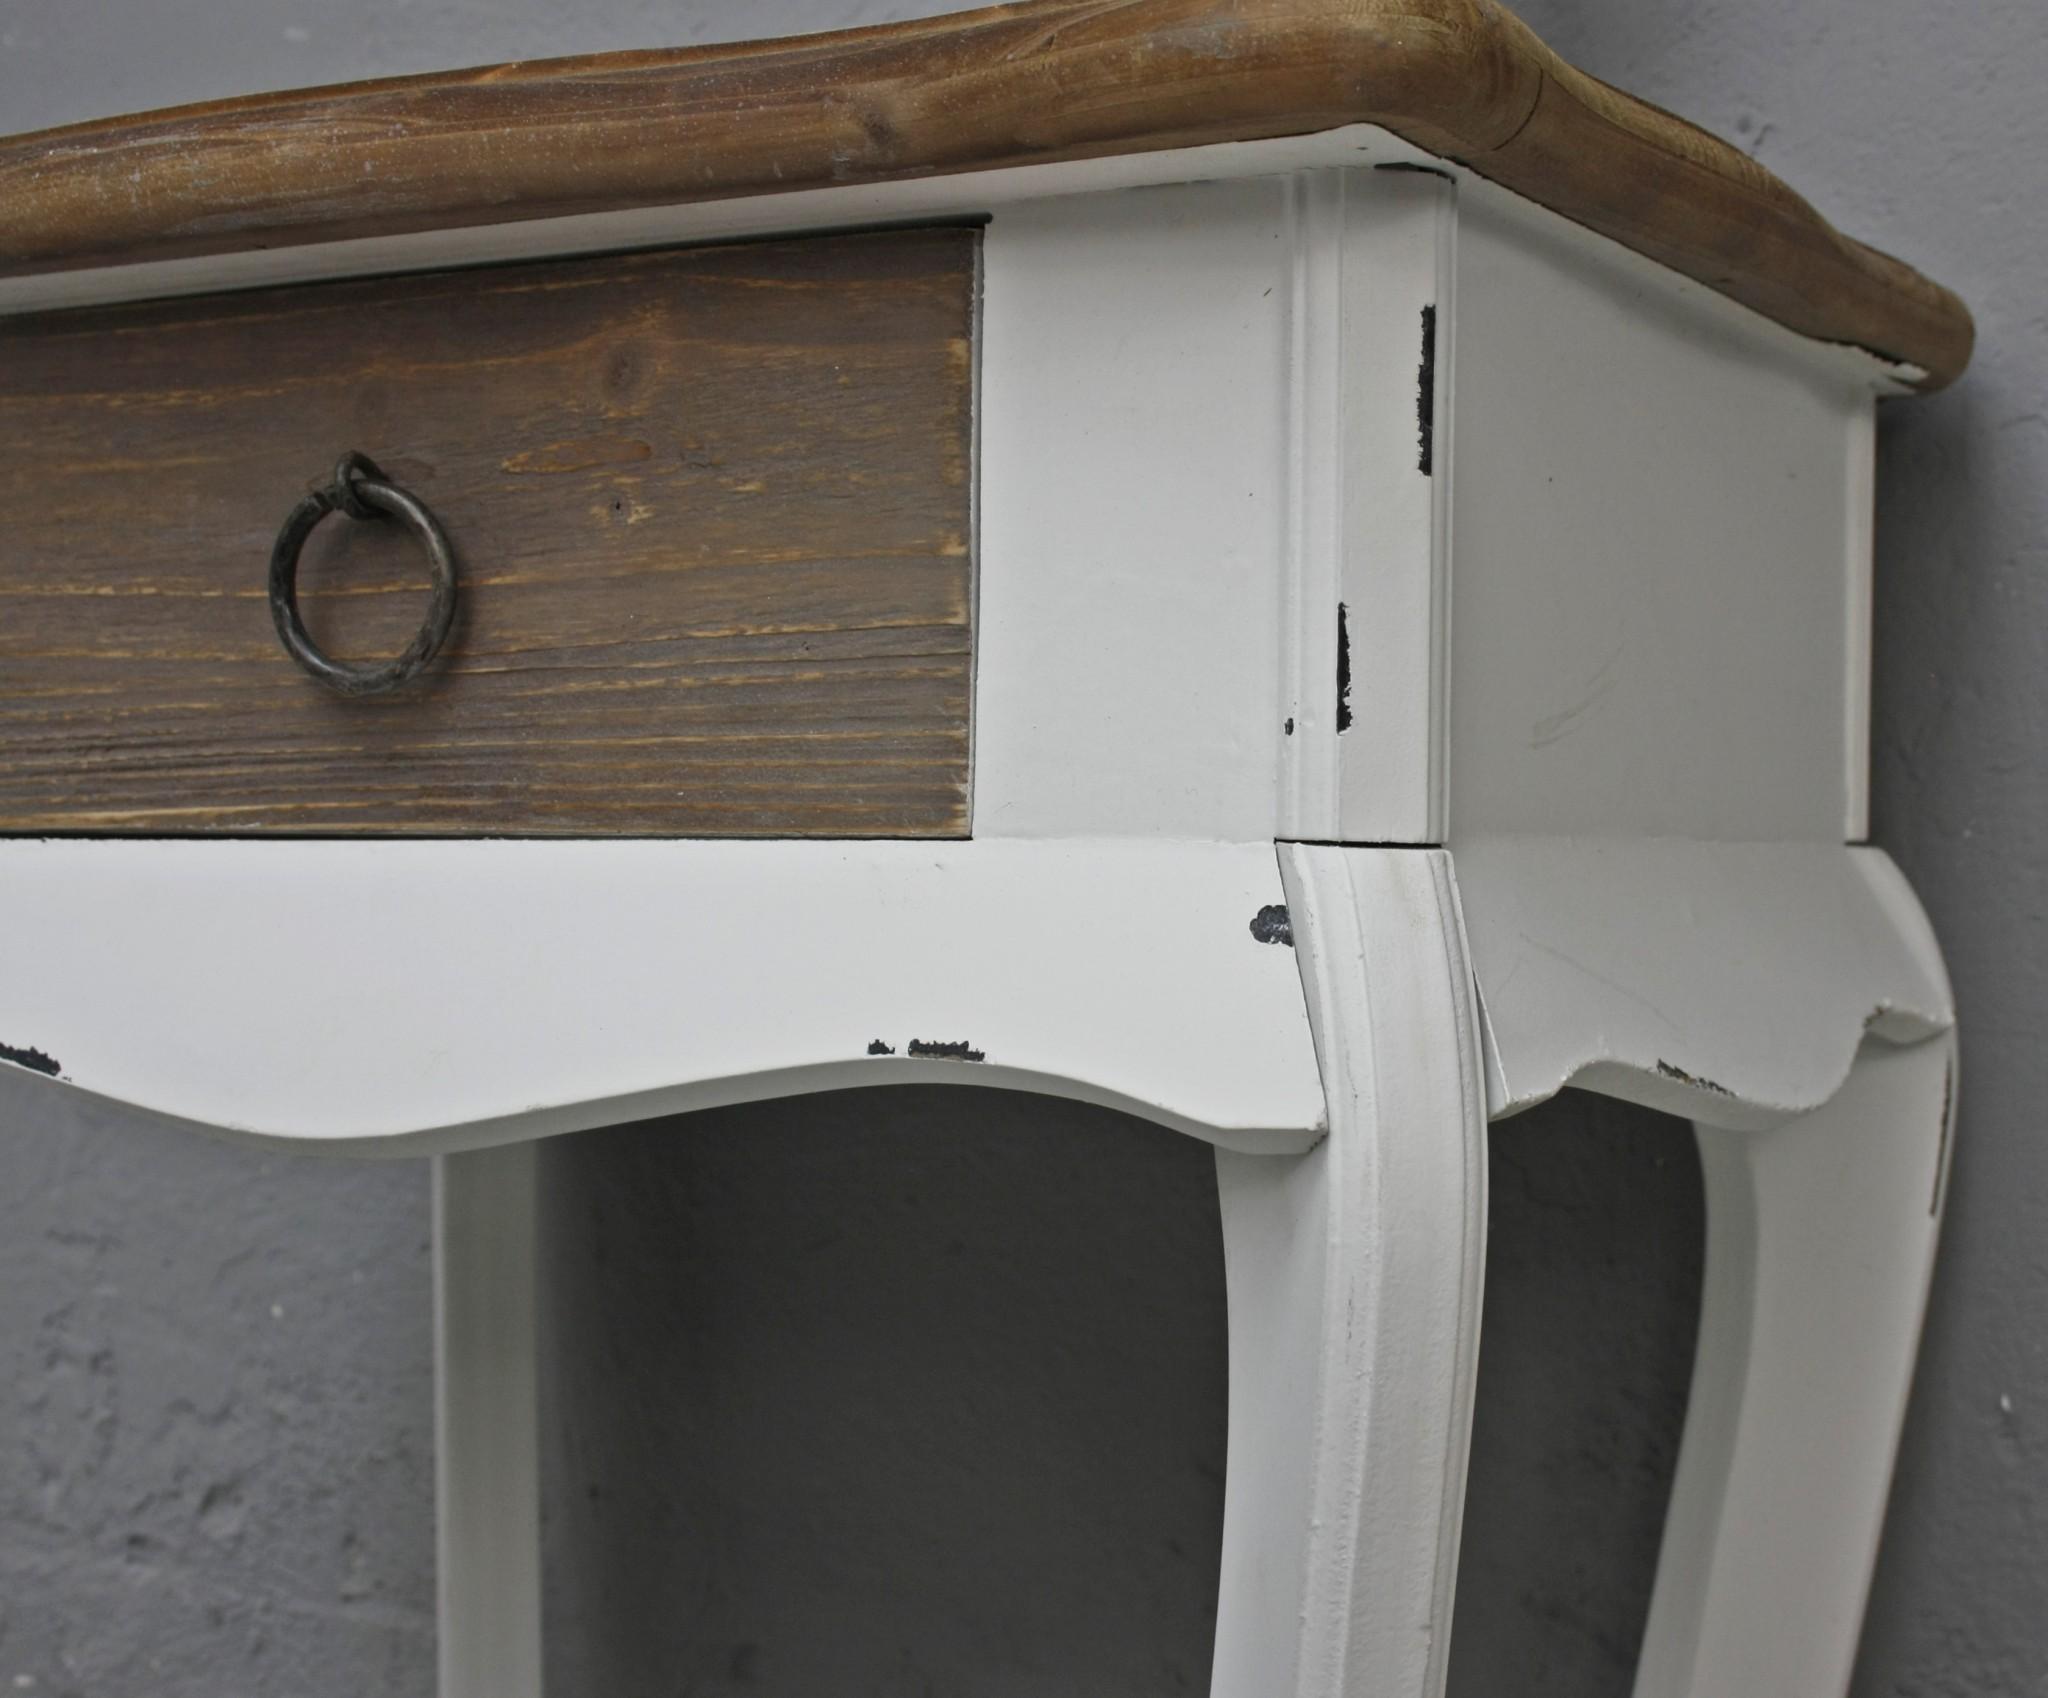 Beistelltisch Holz Landhaus ~   Tisch weiß braun chic Landhaus Beistelltisch Holz Schublade  eBay